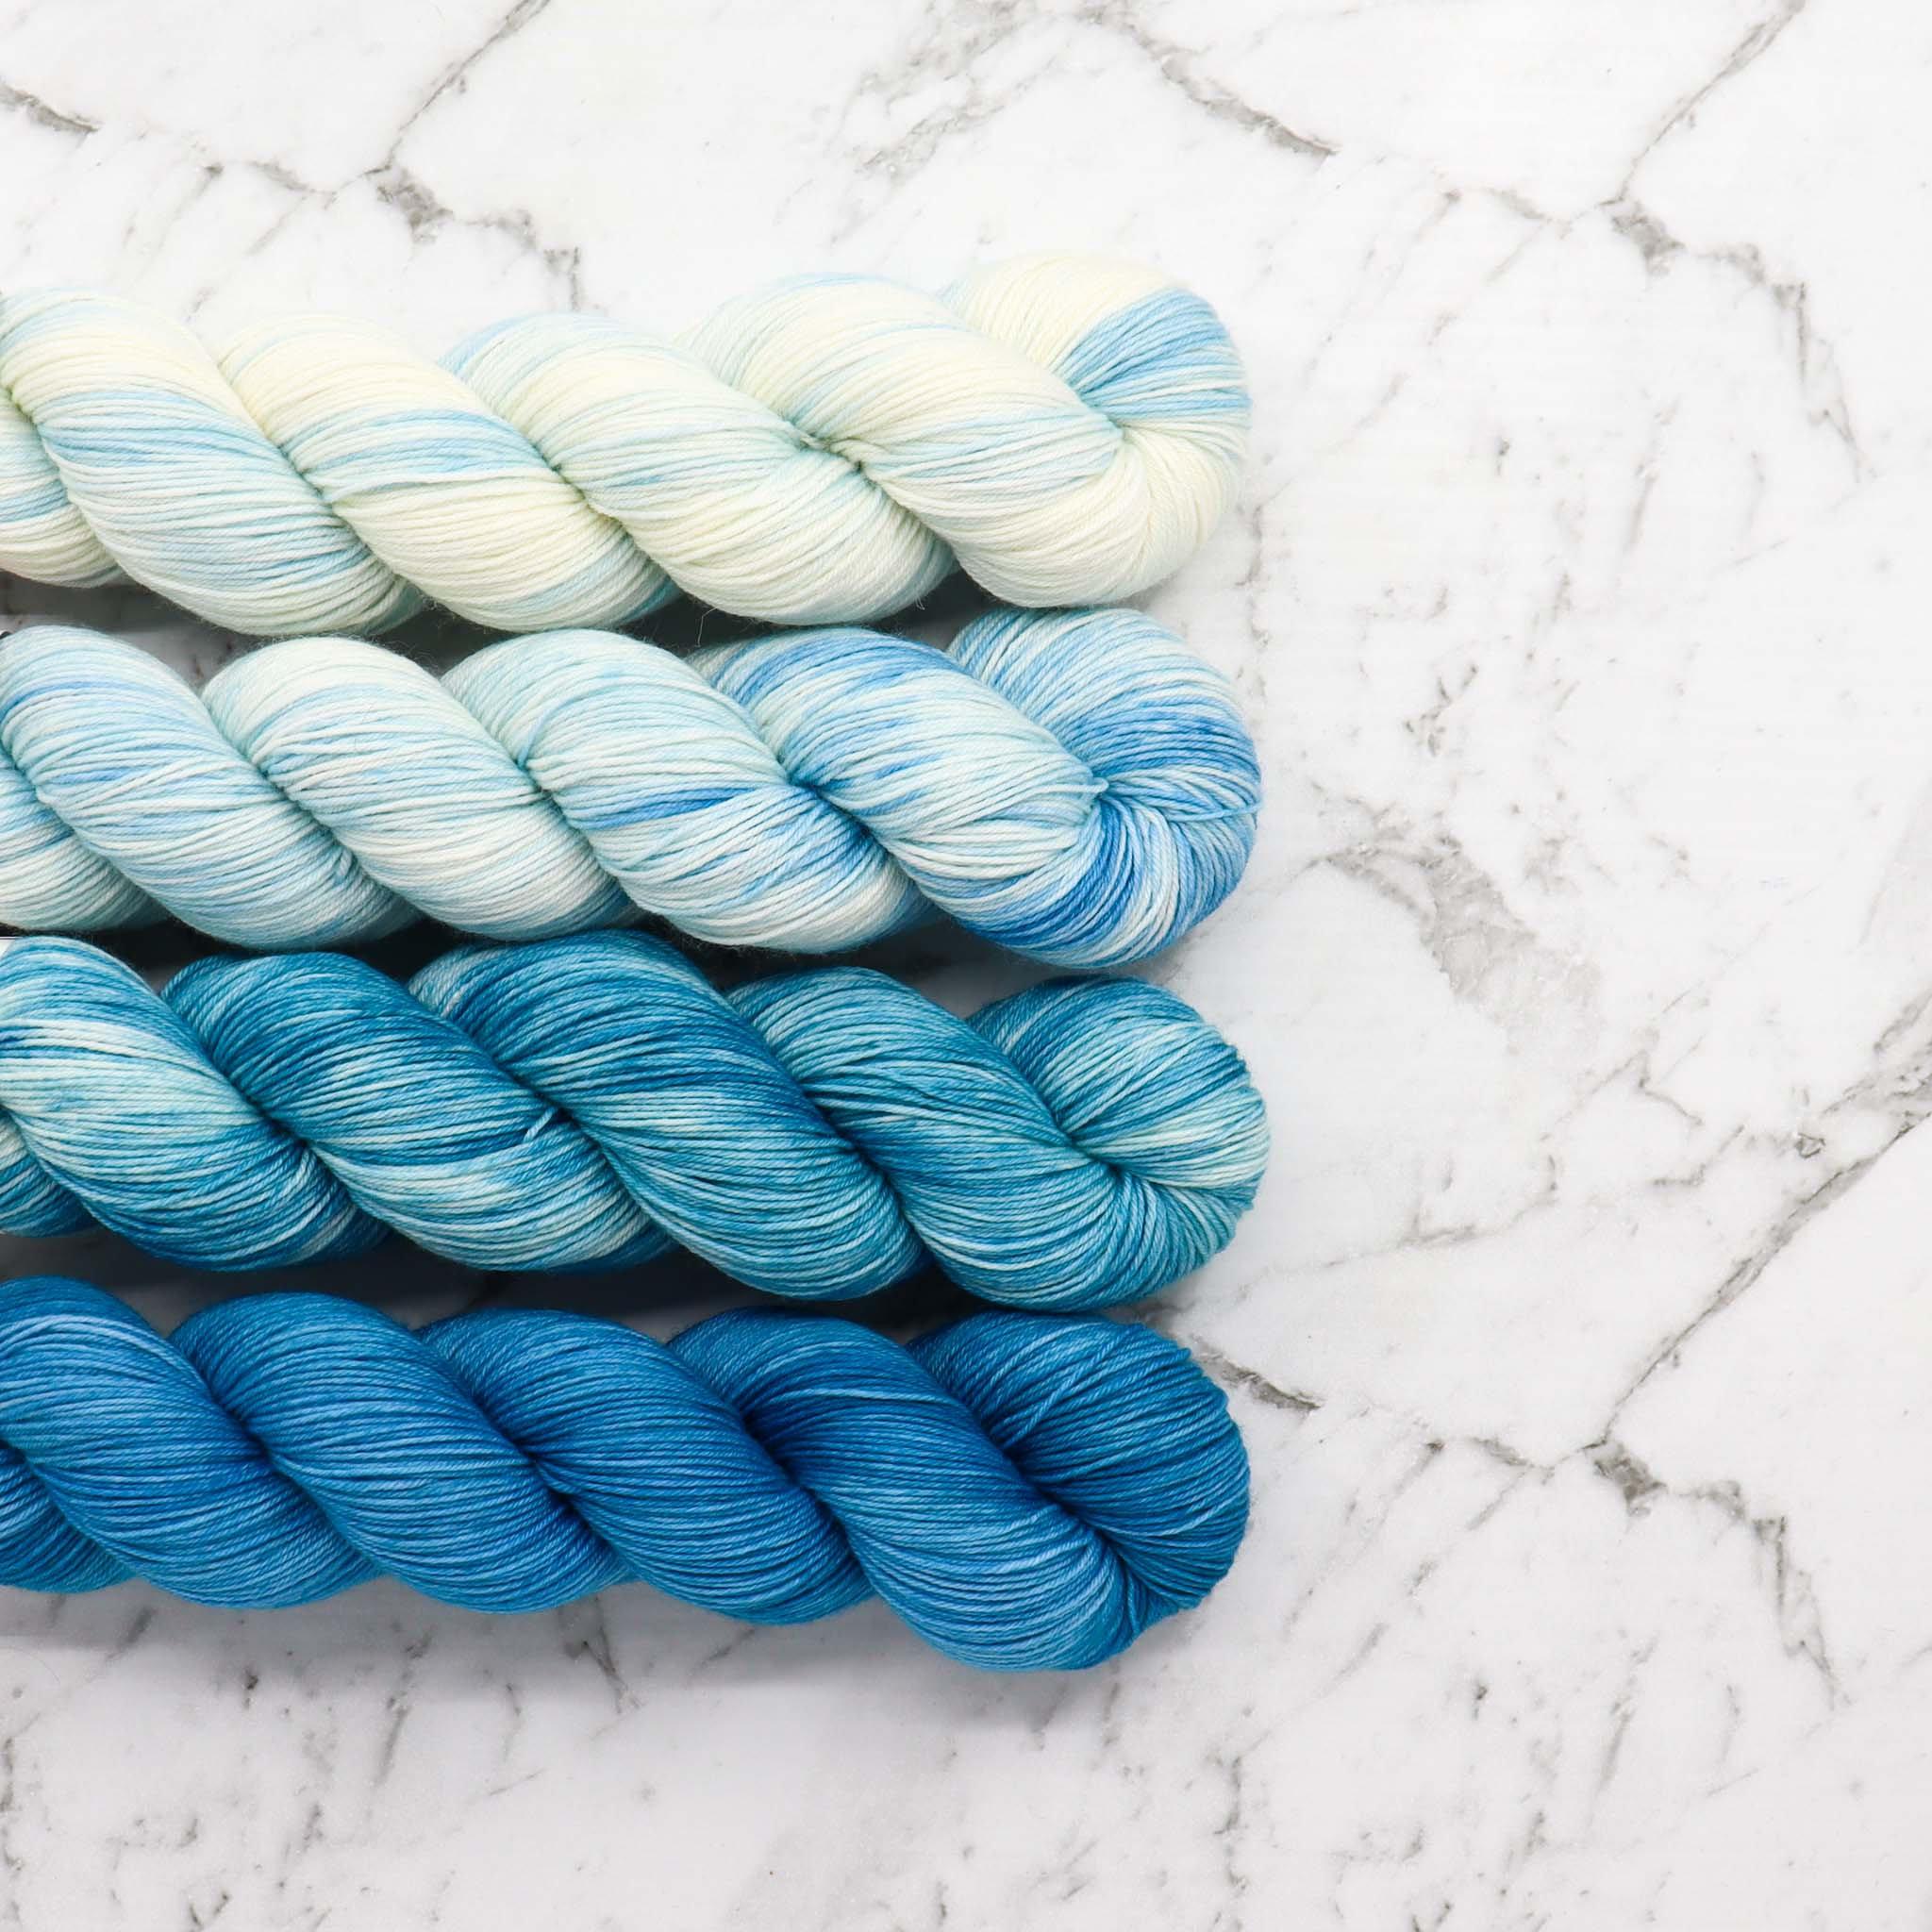 Nammi \u2013 Samba \u2013 MerinoNylon sock yarn